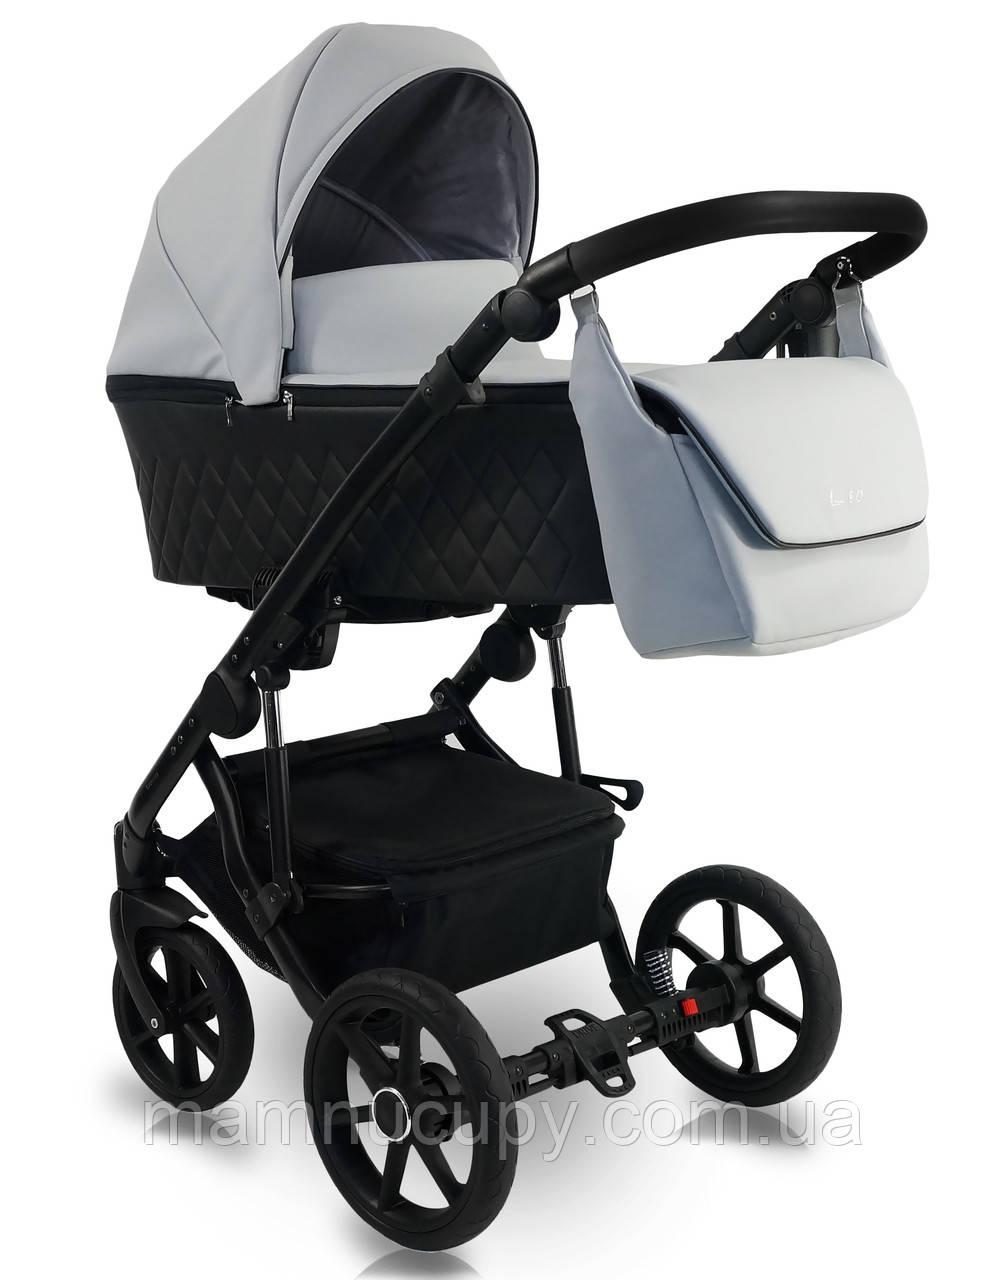 Дитяча універсальна коляска 2 в 1 Bexa Line 2.0 Eco L103 (бекса лайн еко)